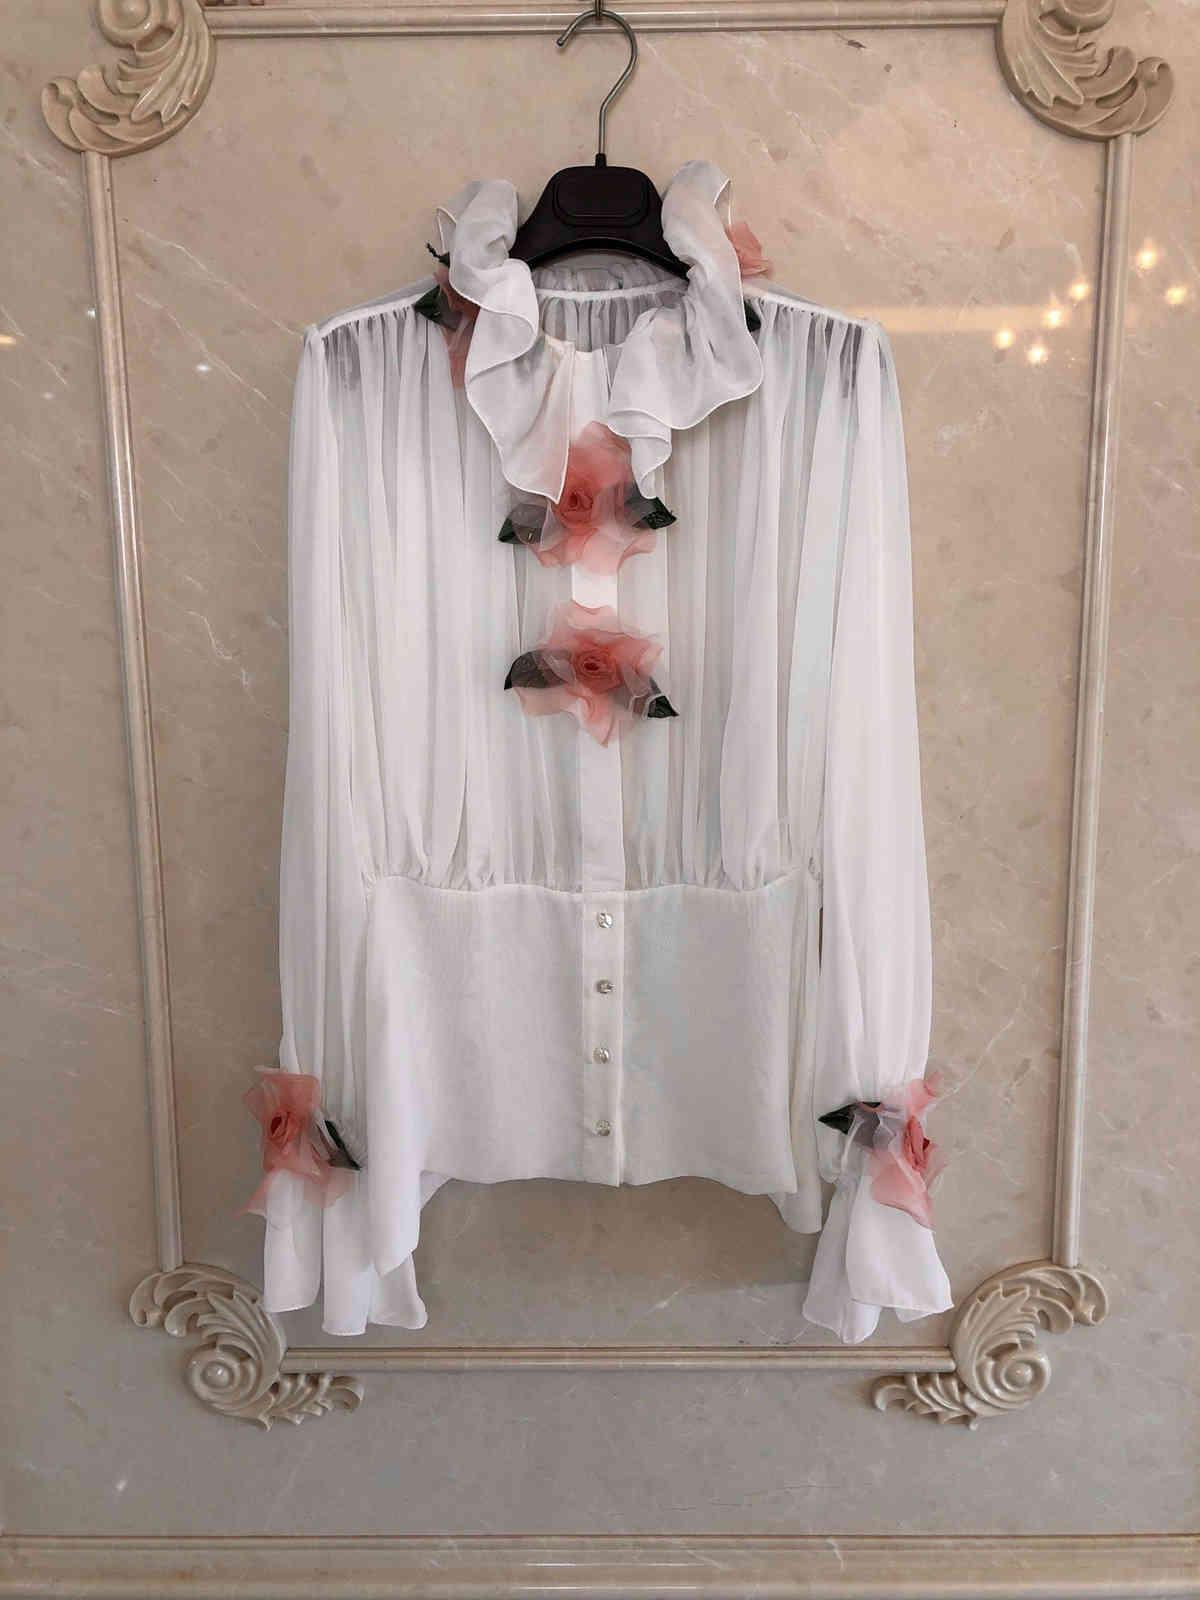 2021 جديد السيدات أزياء طويلة الأكمام مثير عارضة اليدوية زين مطرز قميص 1013